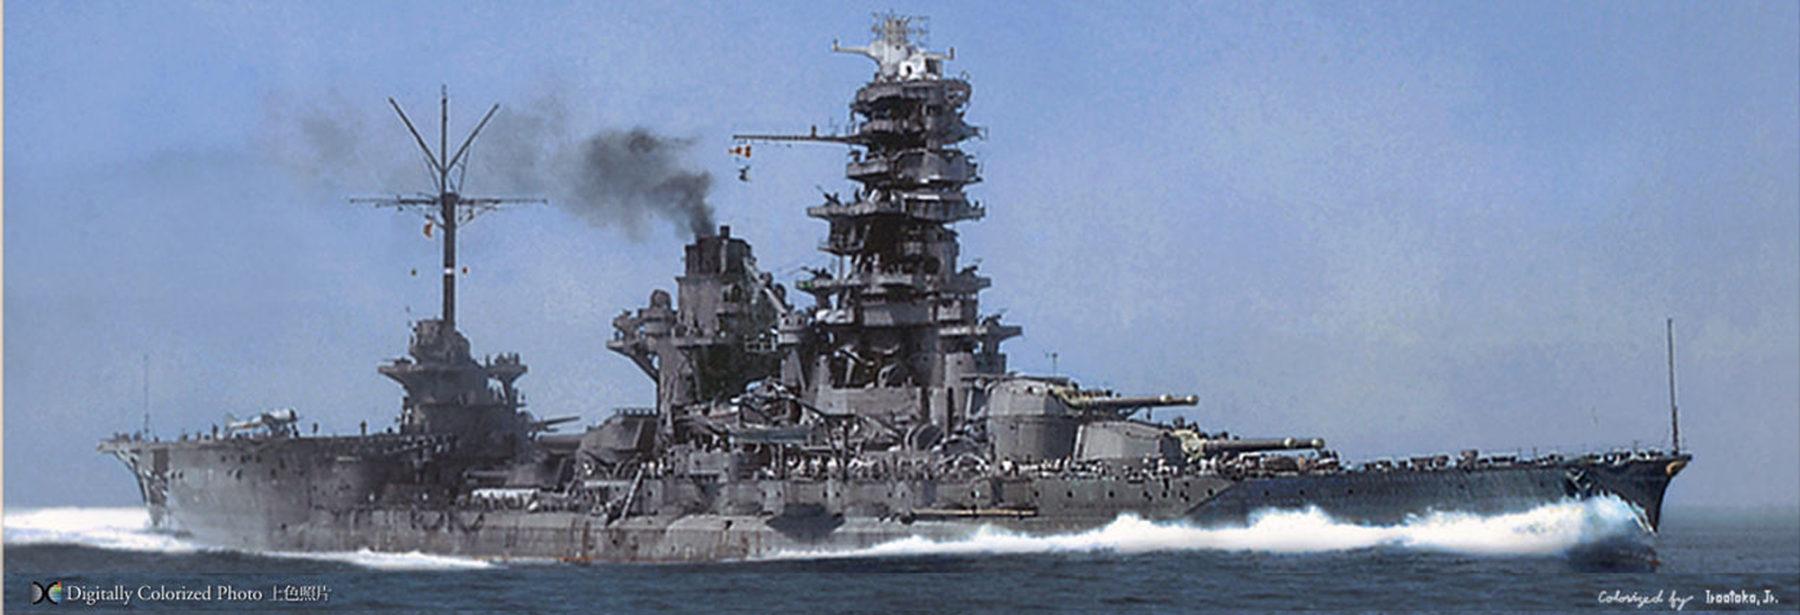 Ise class battleships (1917)